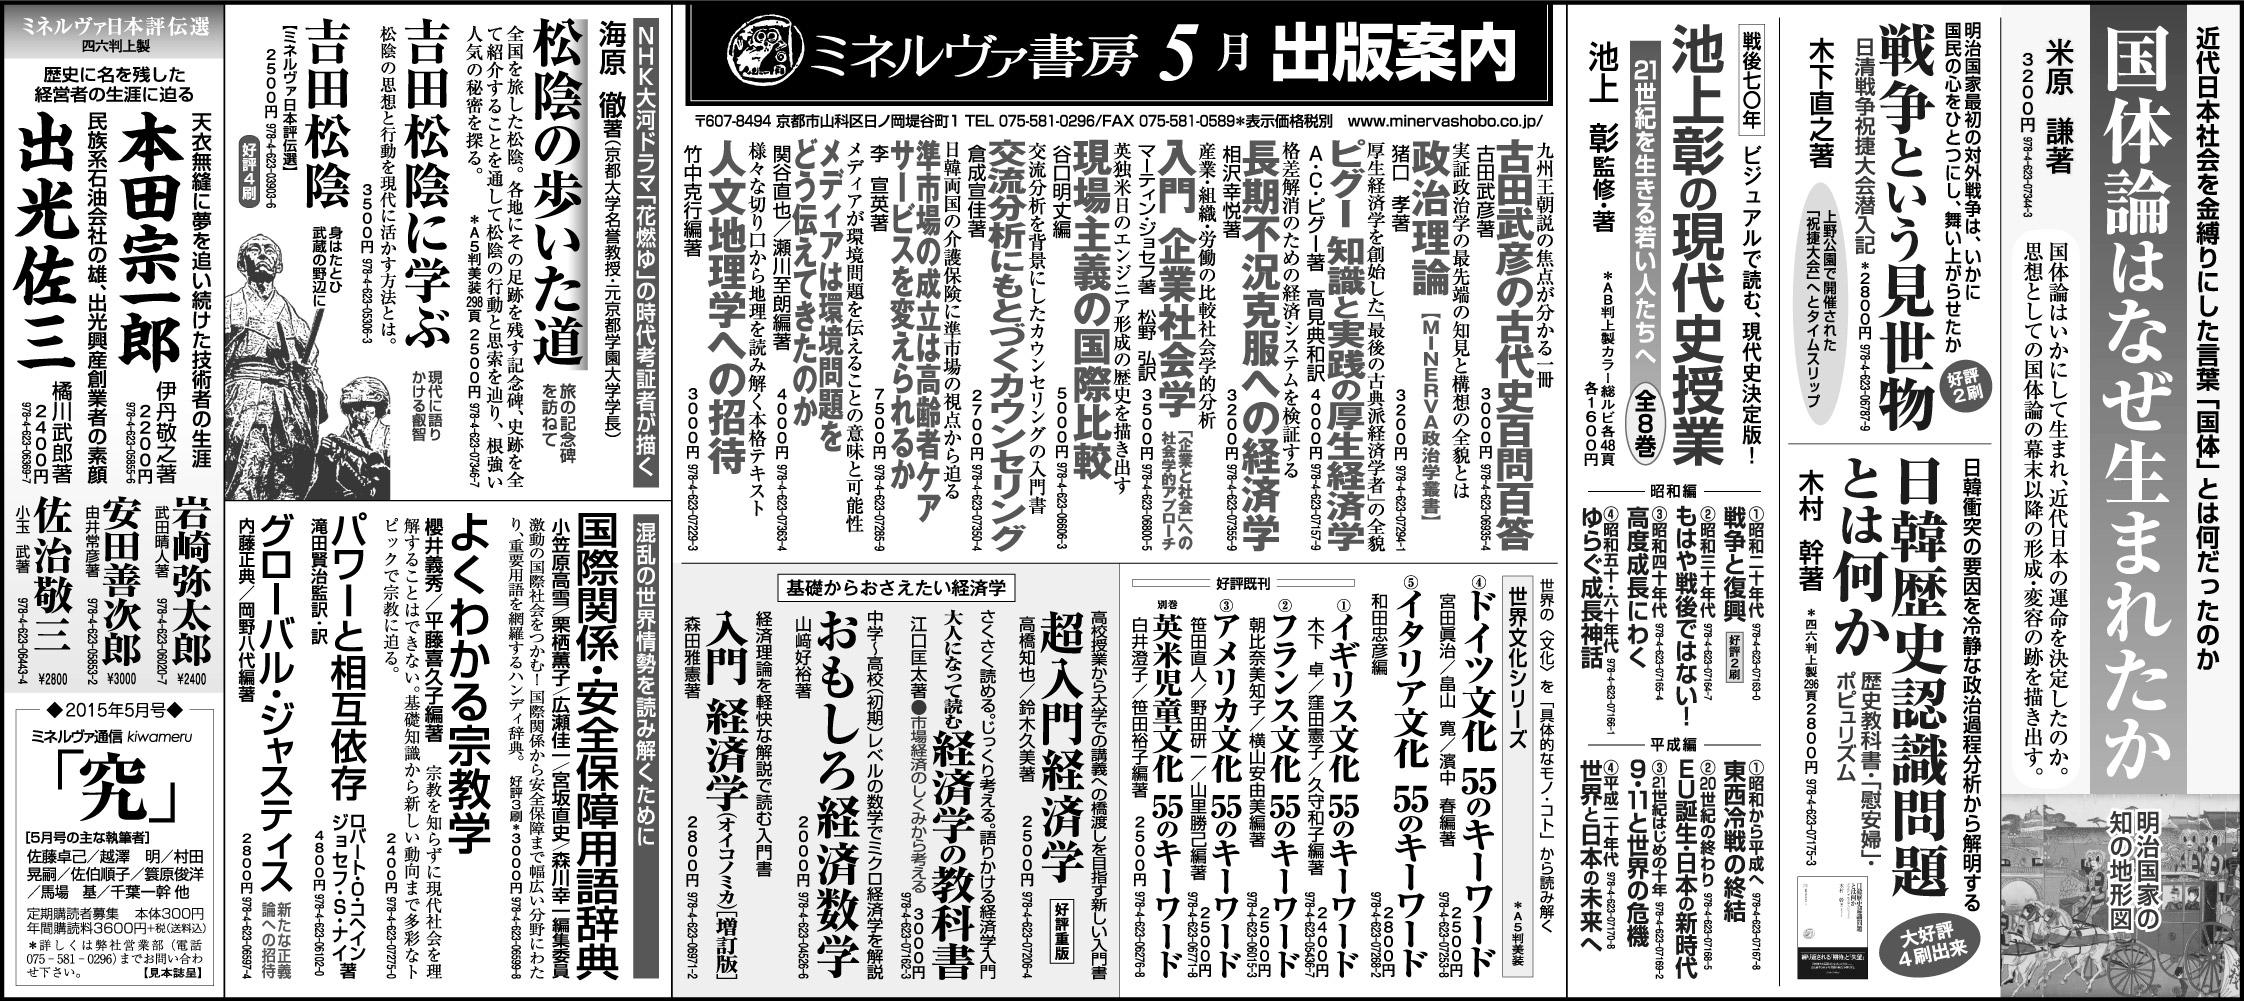 日本経済新聞全5段広告2015年5月17日掲載